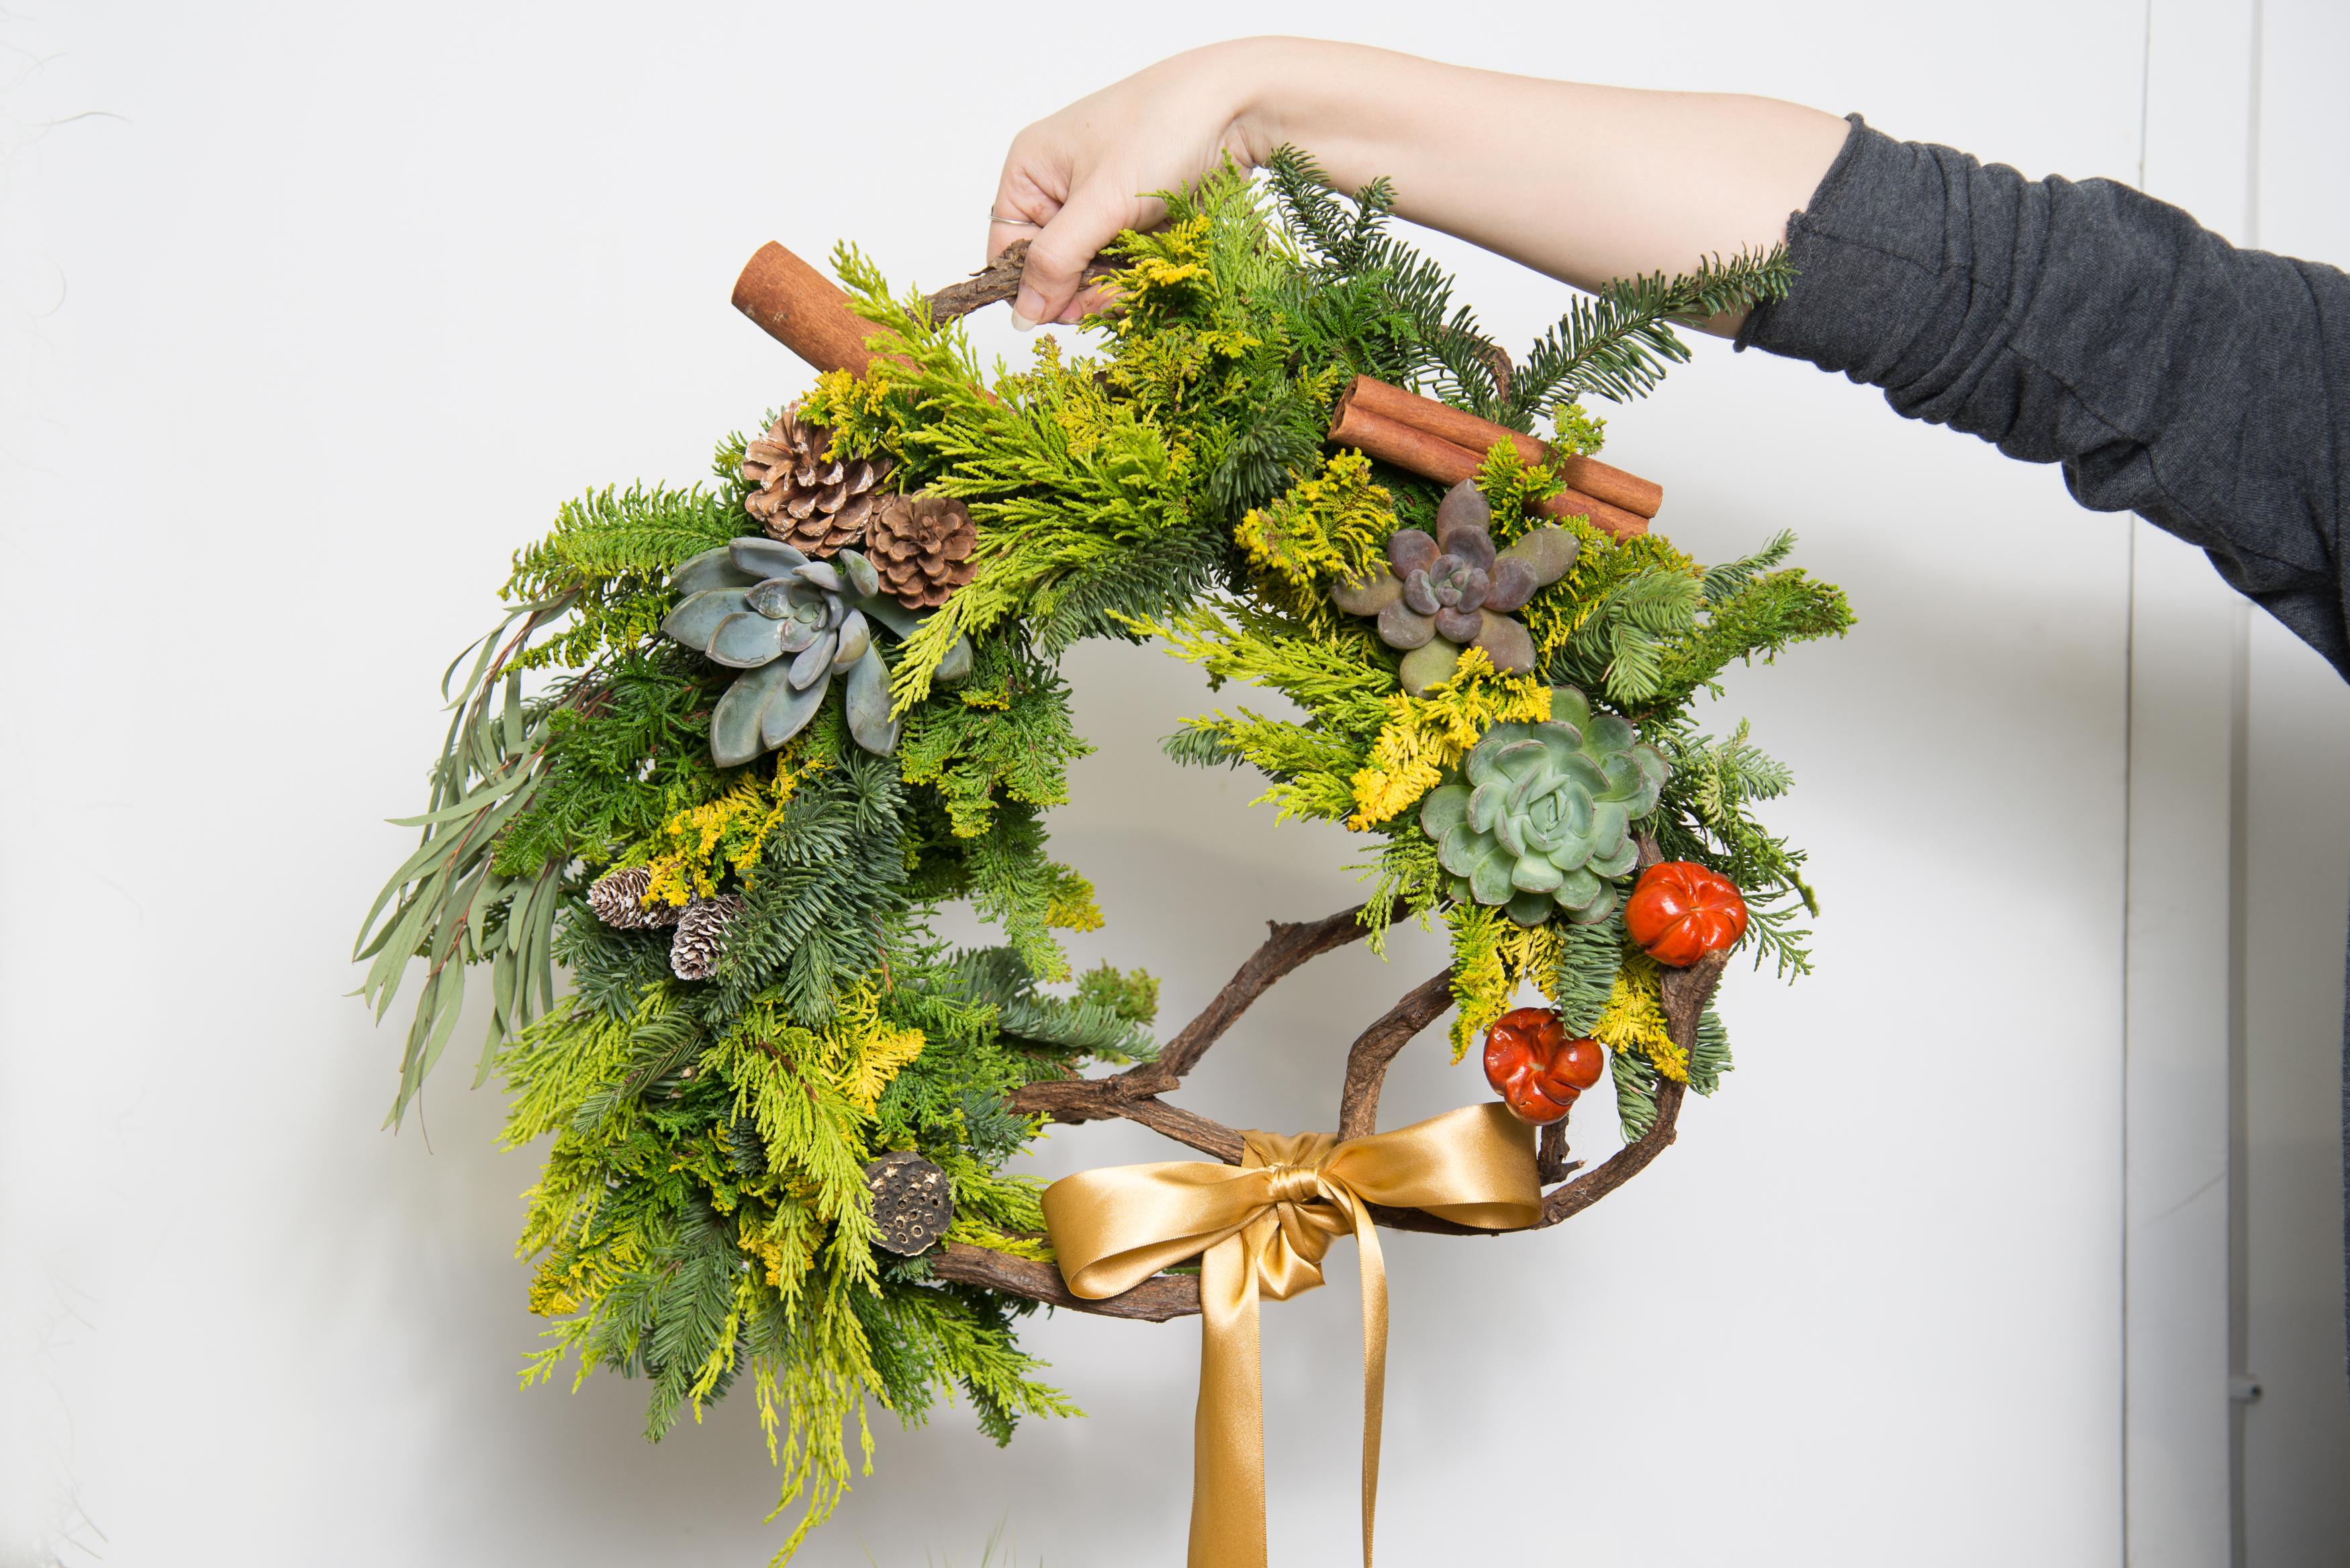 漿果加上多肉植物與松樹枝條,簡單的材料就可做出華美具特色的花圈,在網路花店上也可以買得到喔,現在還新增了捧花的商品呢